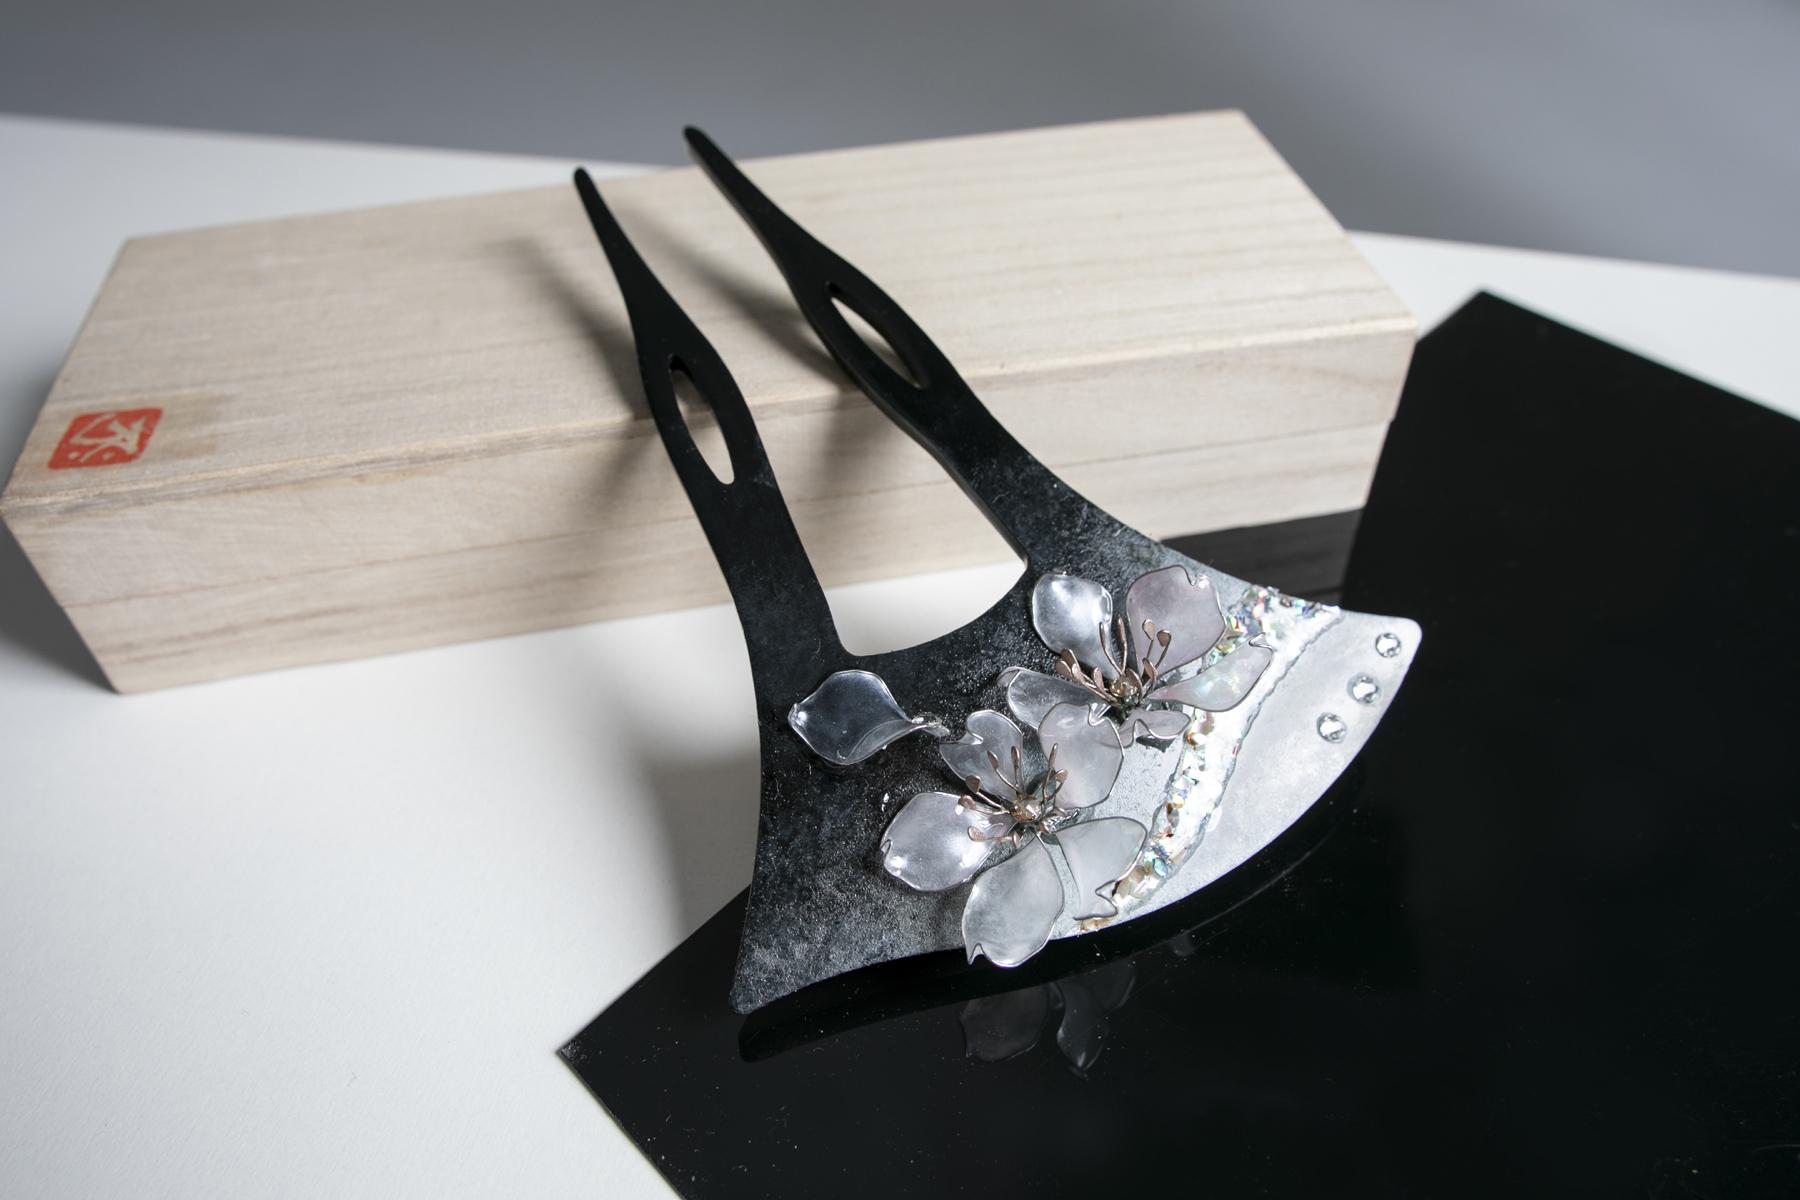 【絢爛】ー灰銀桜のバチ型 cherry of ash silver